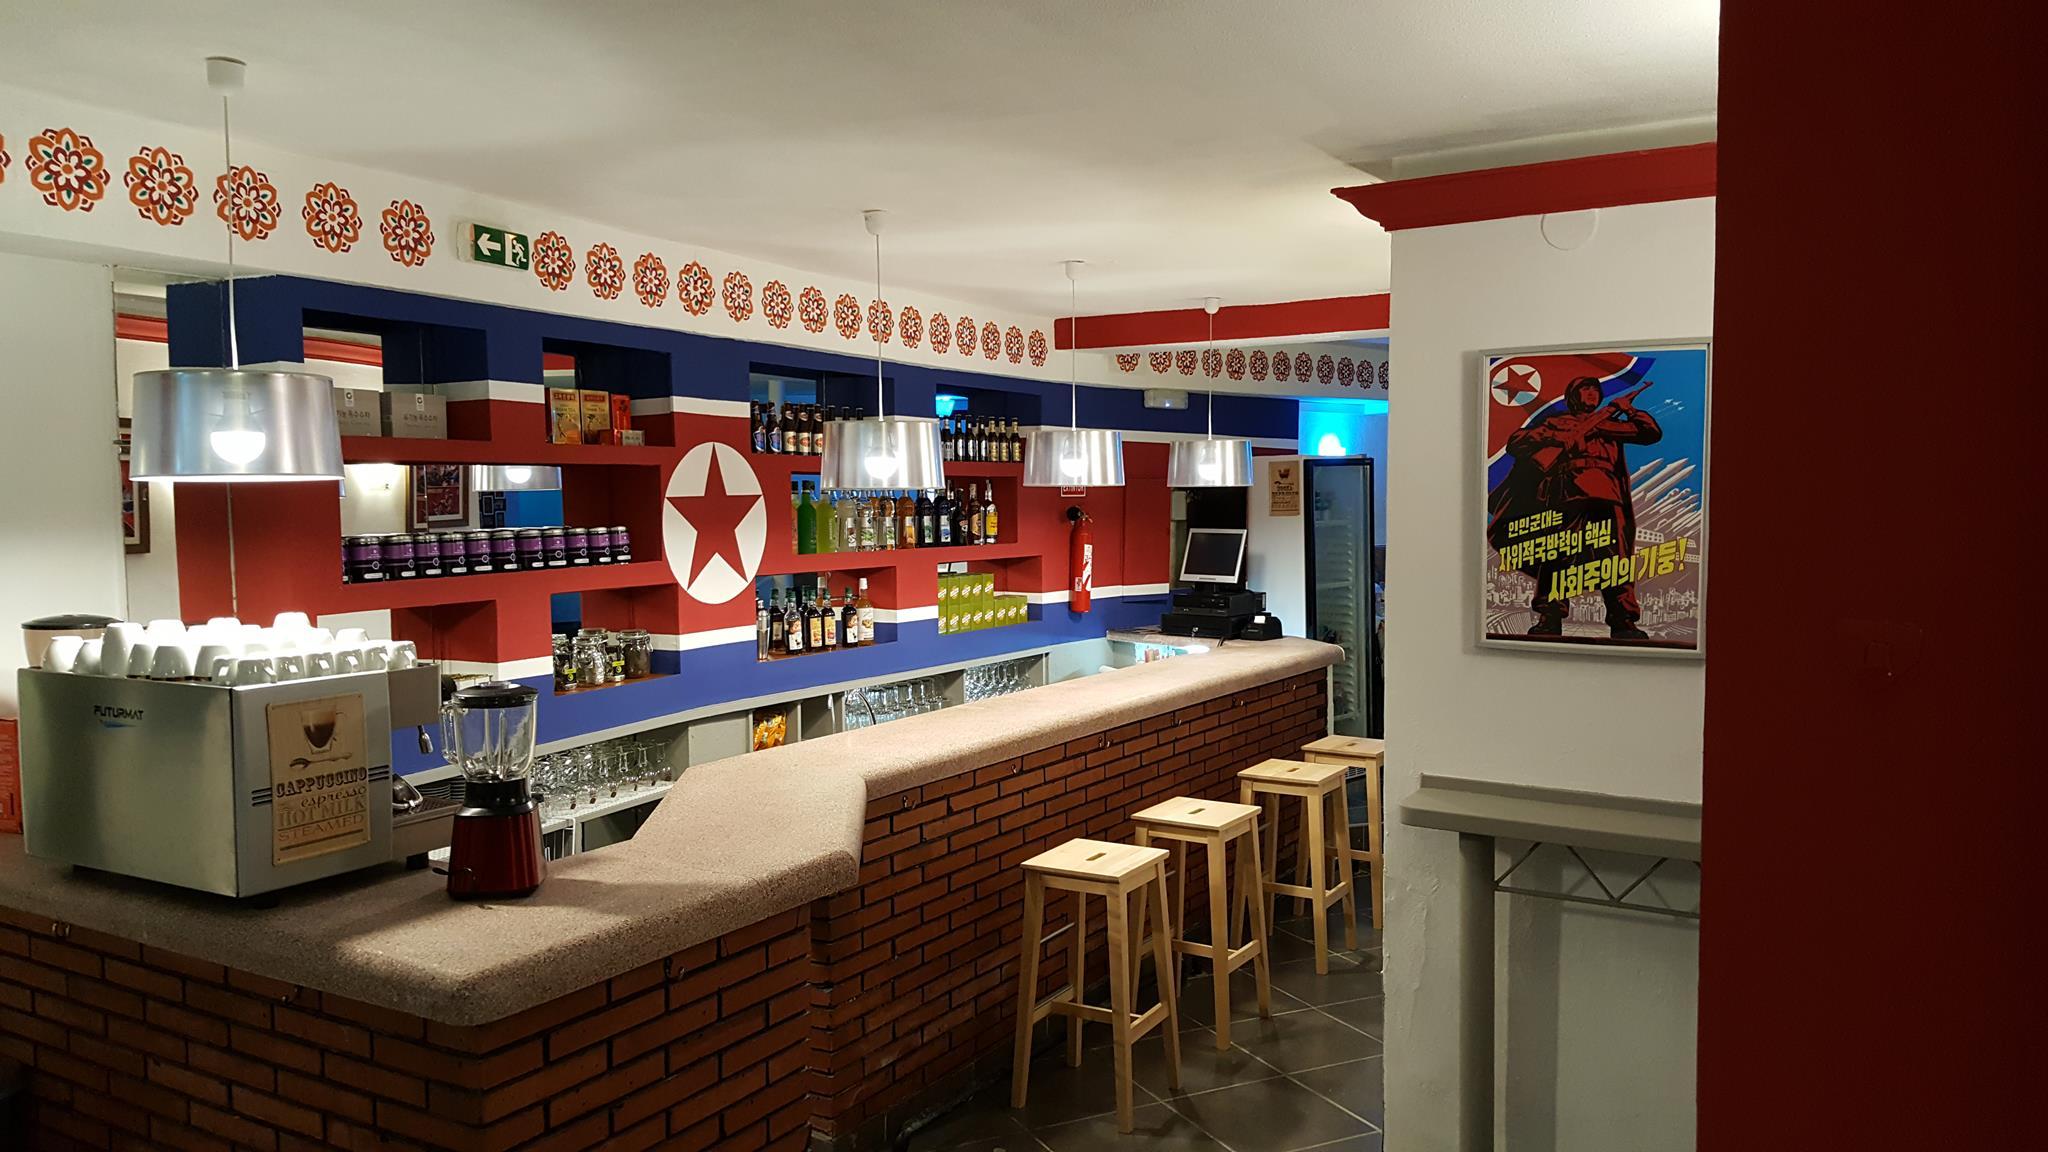 O ambiente do Pyongyang Cafe, na Catalunha (foto: reprodução)